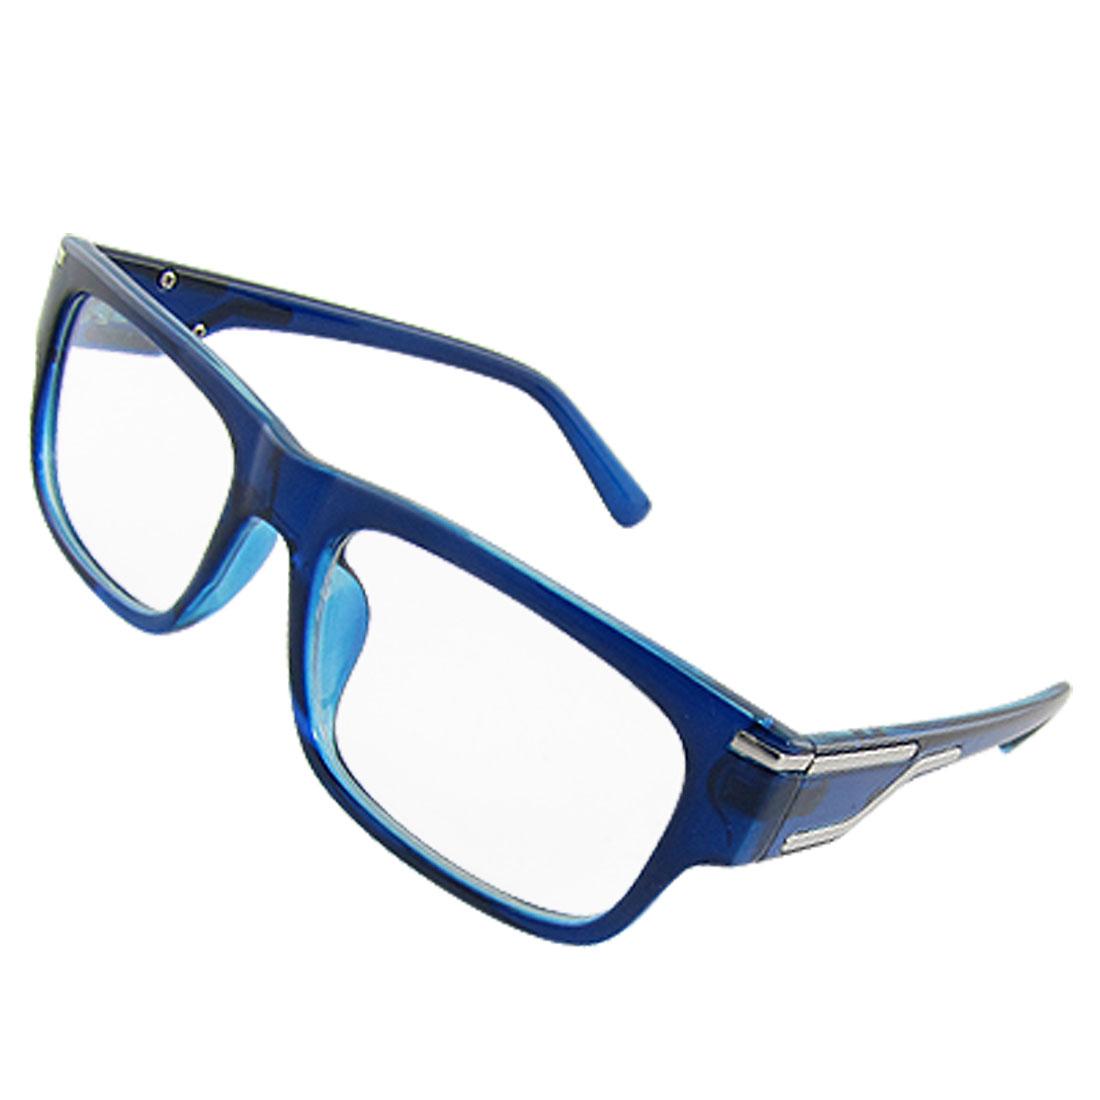 Blue Plastic Full Rim Multi-coated Lens Plano Glasses